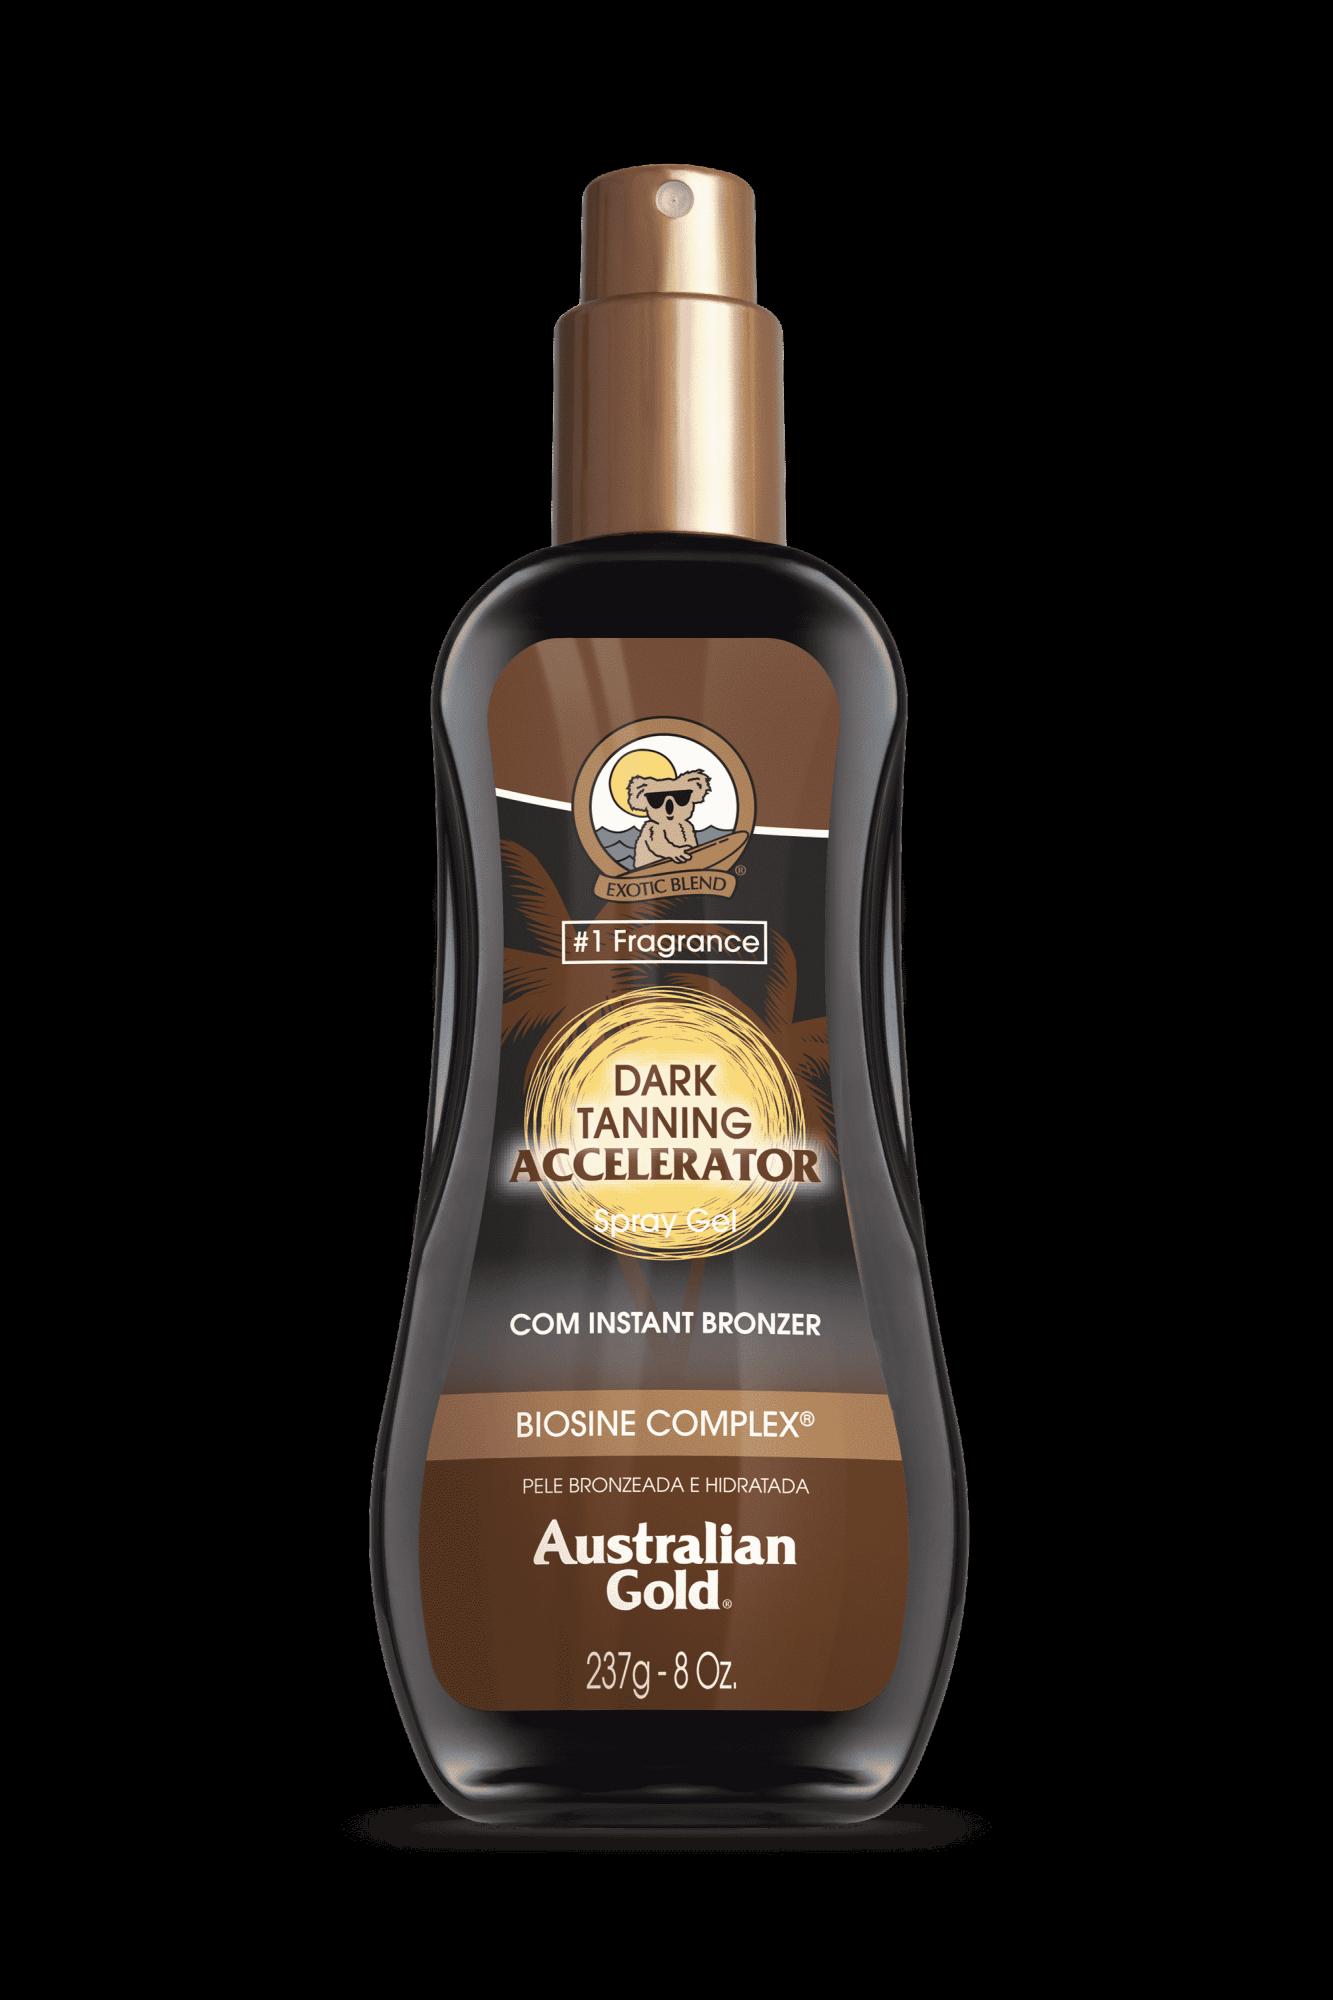 Australian Gold Dark Tanning Accelerator com Instant Bronzer Spray Gel Acelerador de Bronzeado 237gr